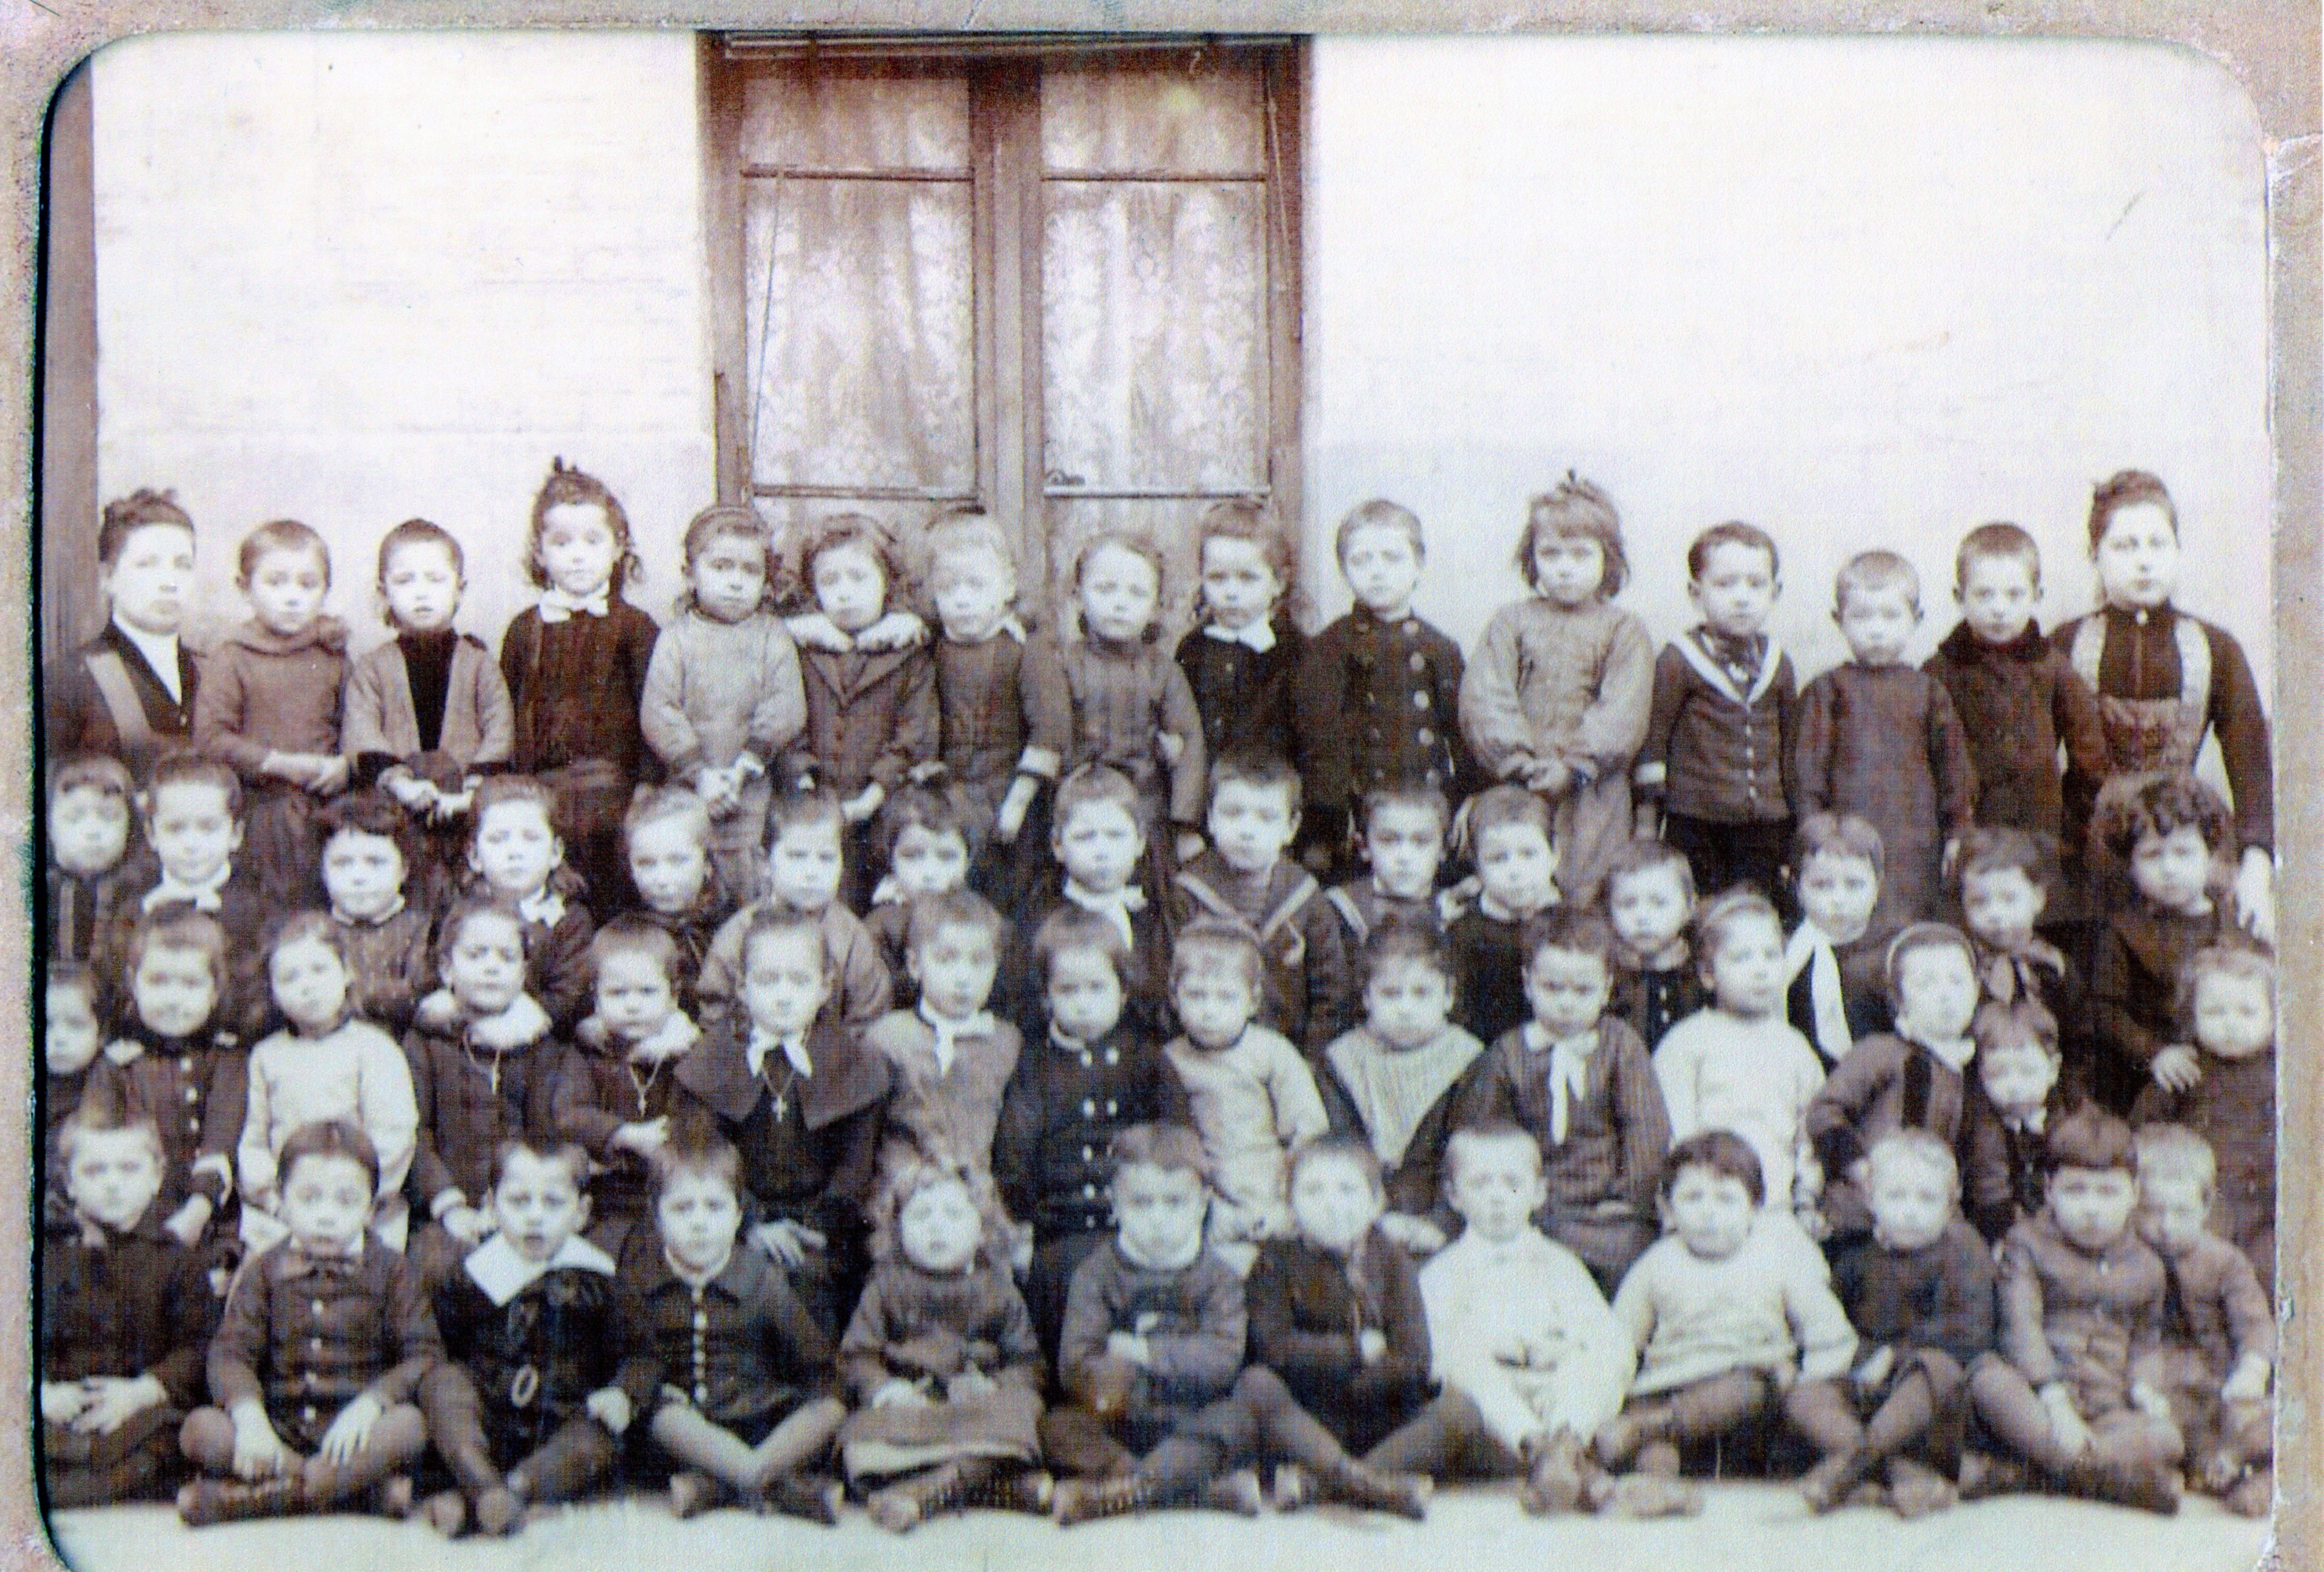 Ecole maternelle des Douanes. Le Havre, 1887-88 (document unique).